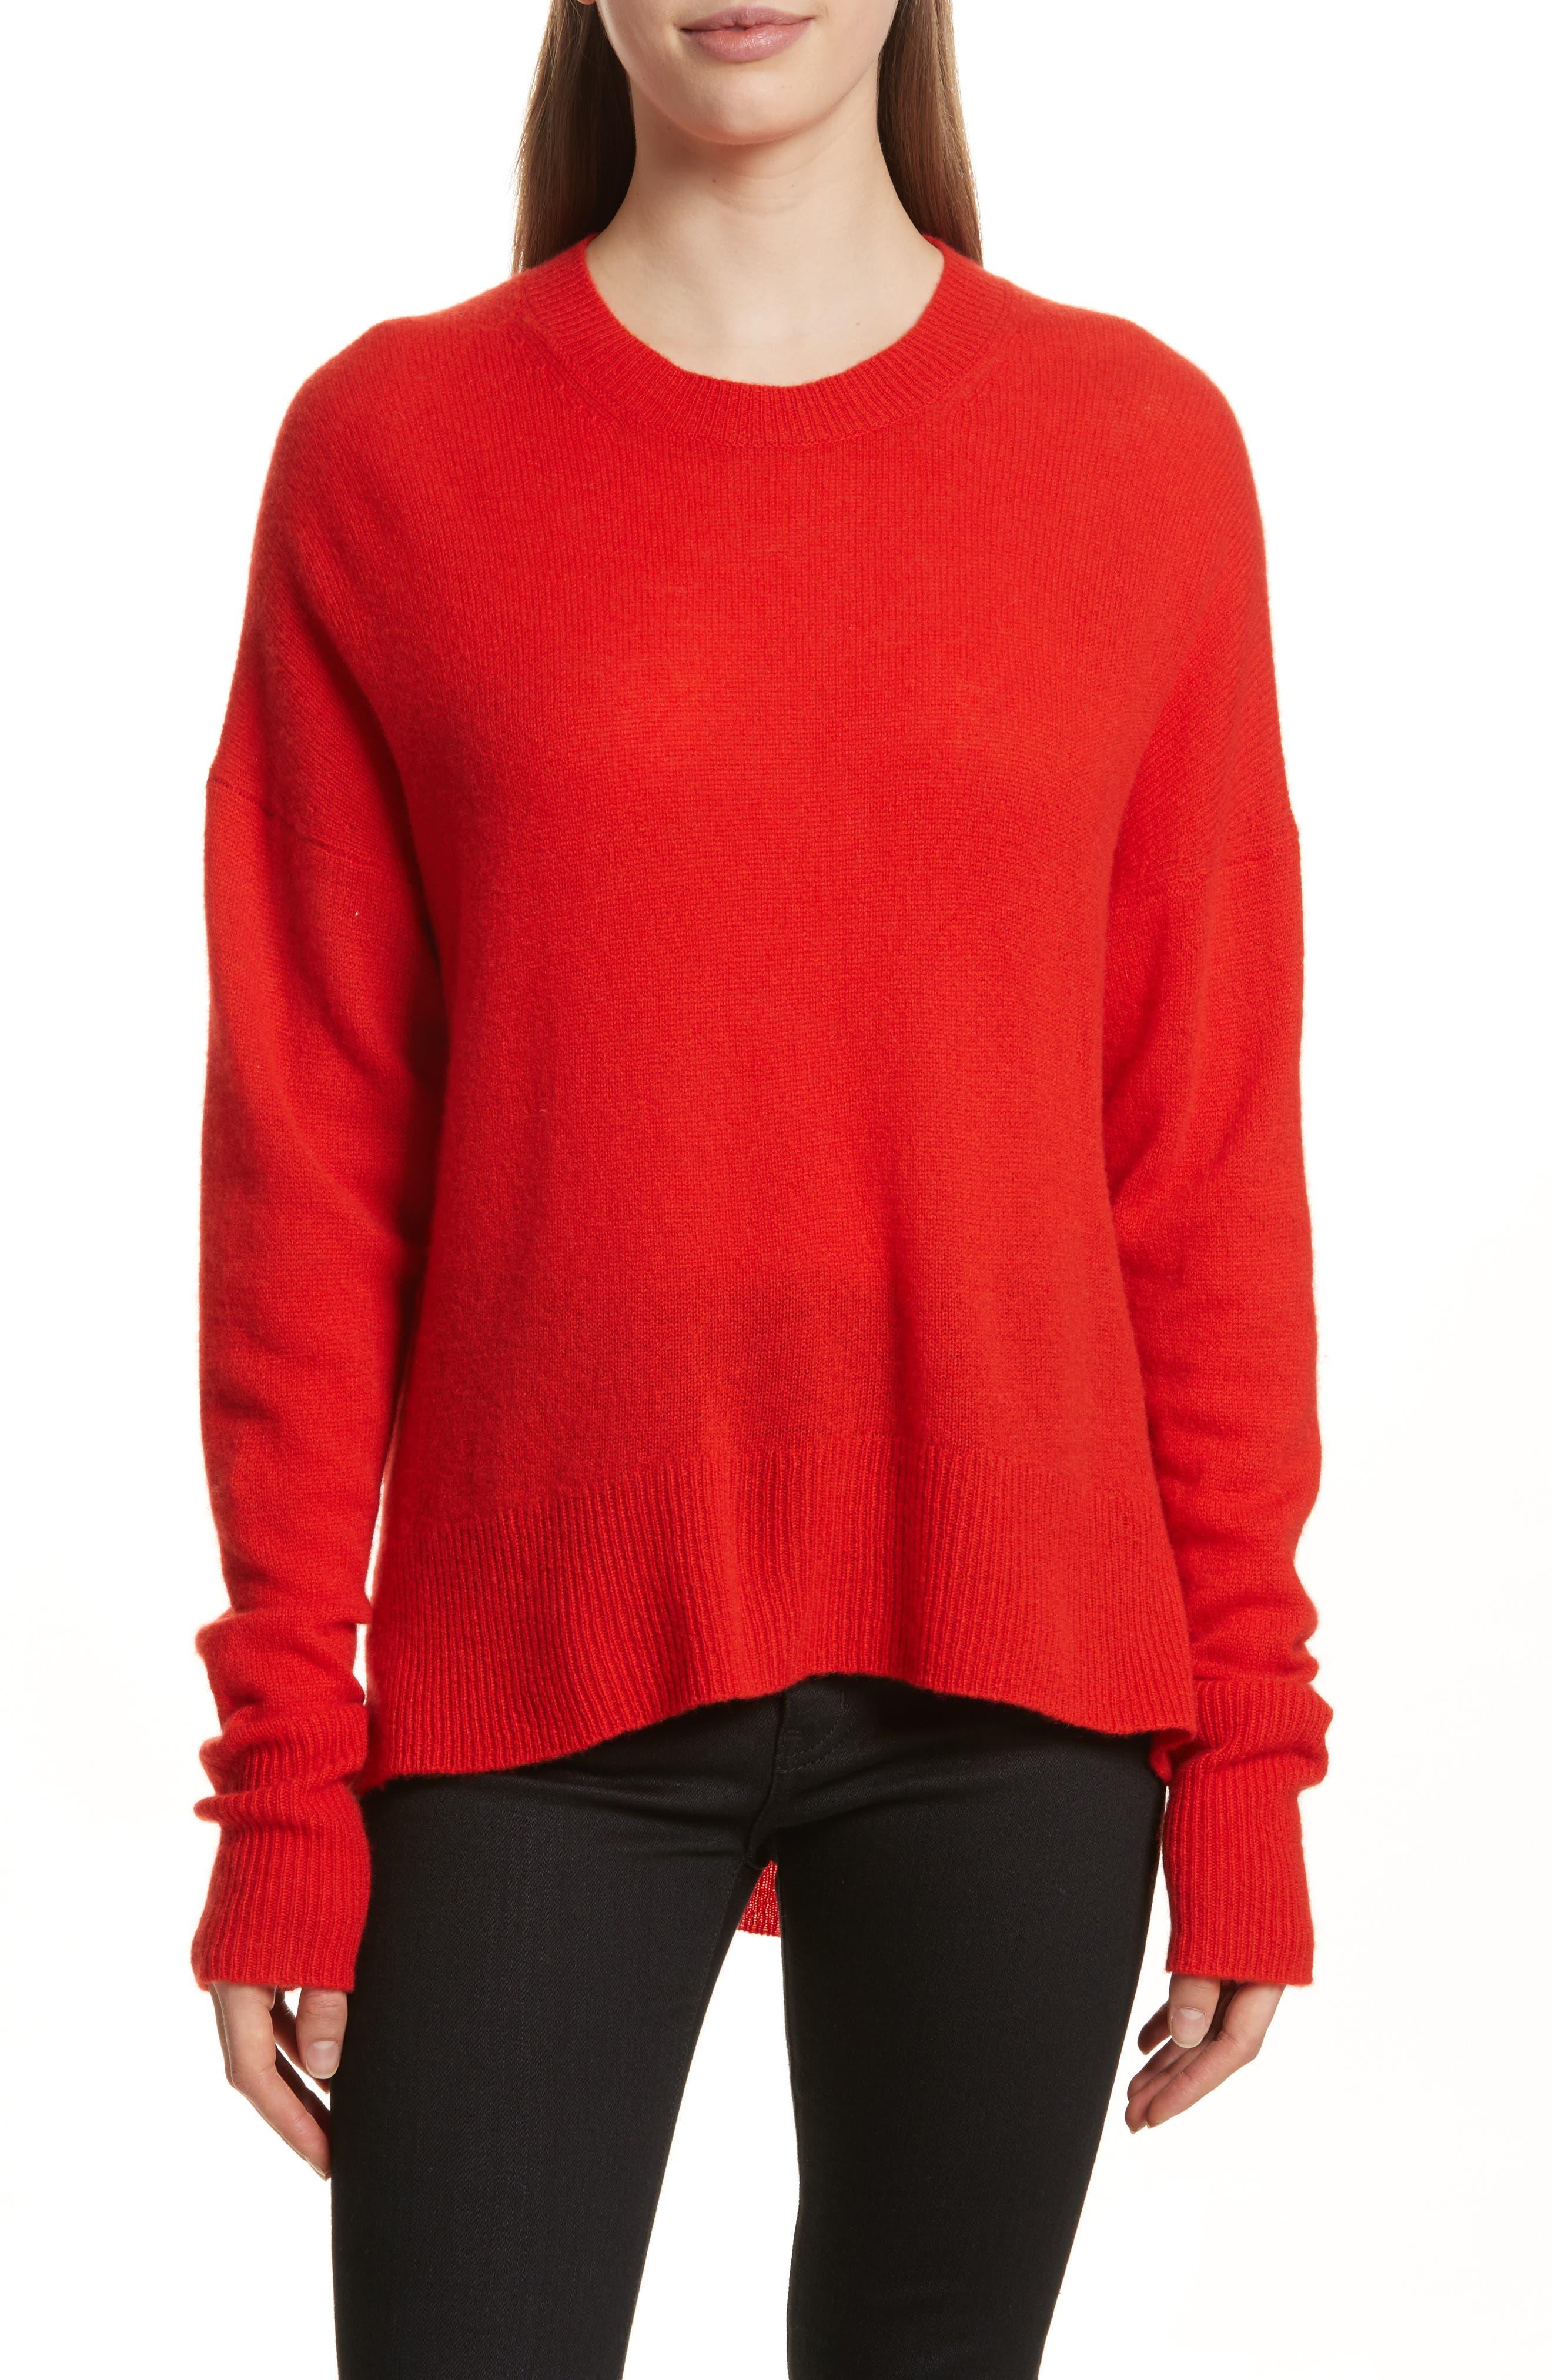 Karenia L Cashmere Sweater,                         Main,                         color, Bight Tomato